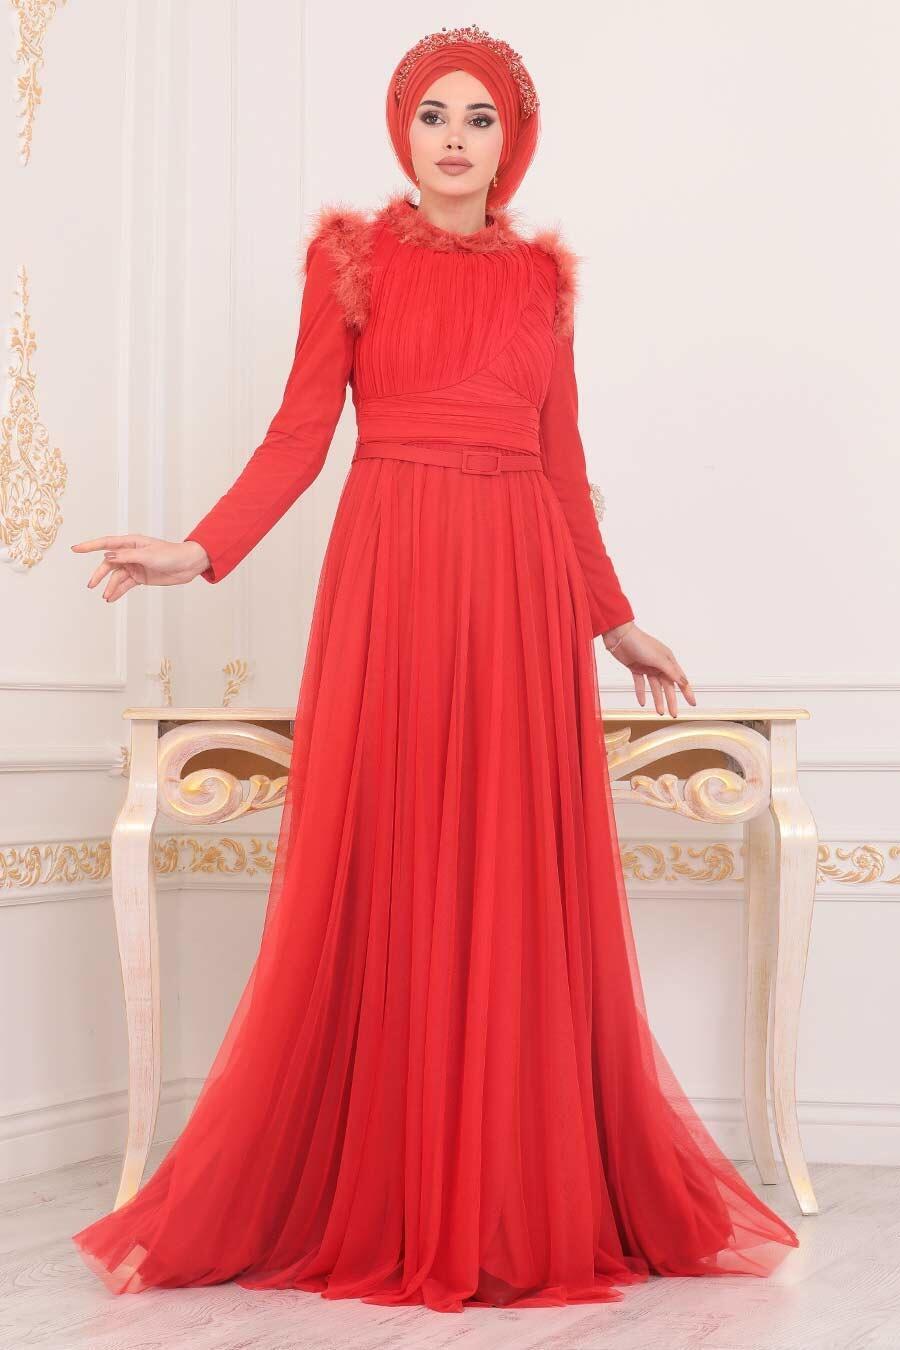 Tesettürlü Abiye Elbise - Püskül Detaylı Turuncu Tesettür Abiye Elbise 39890T